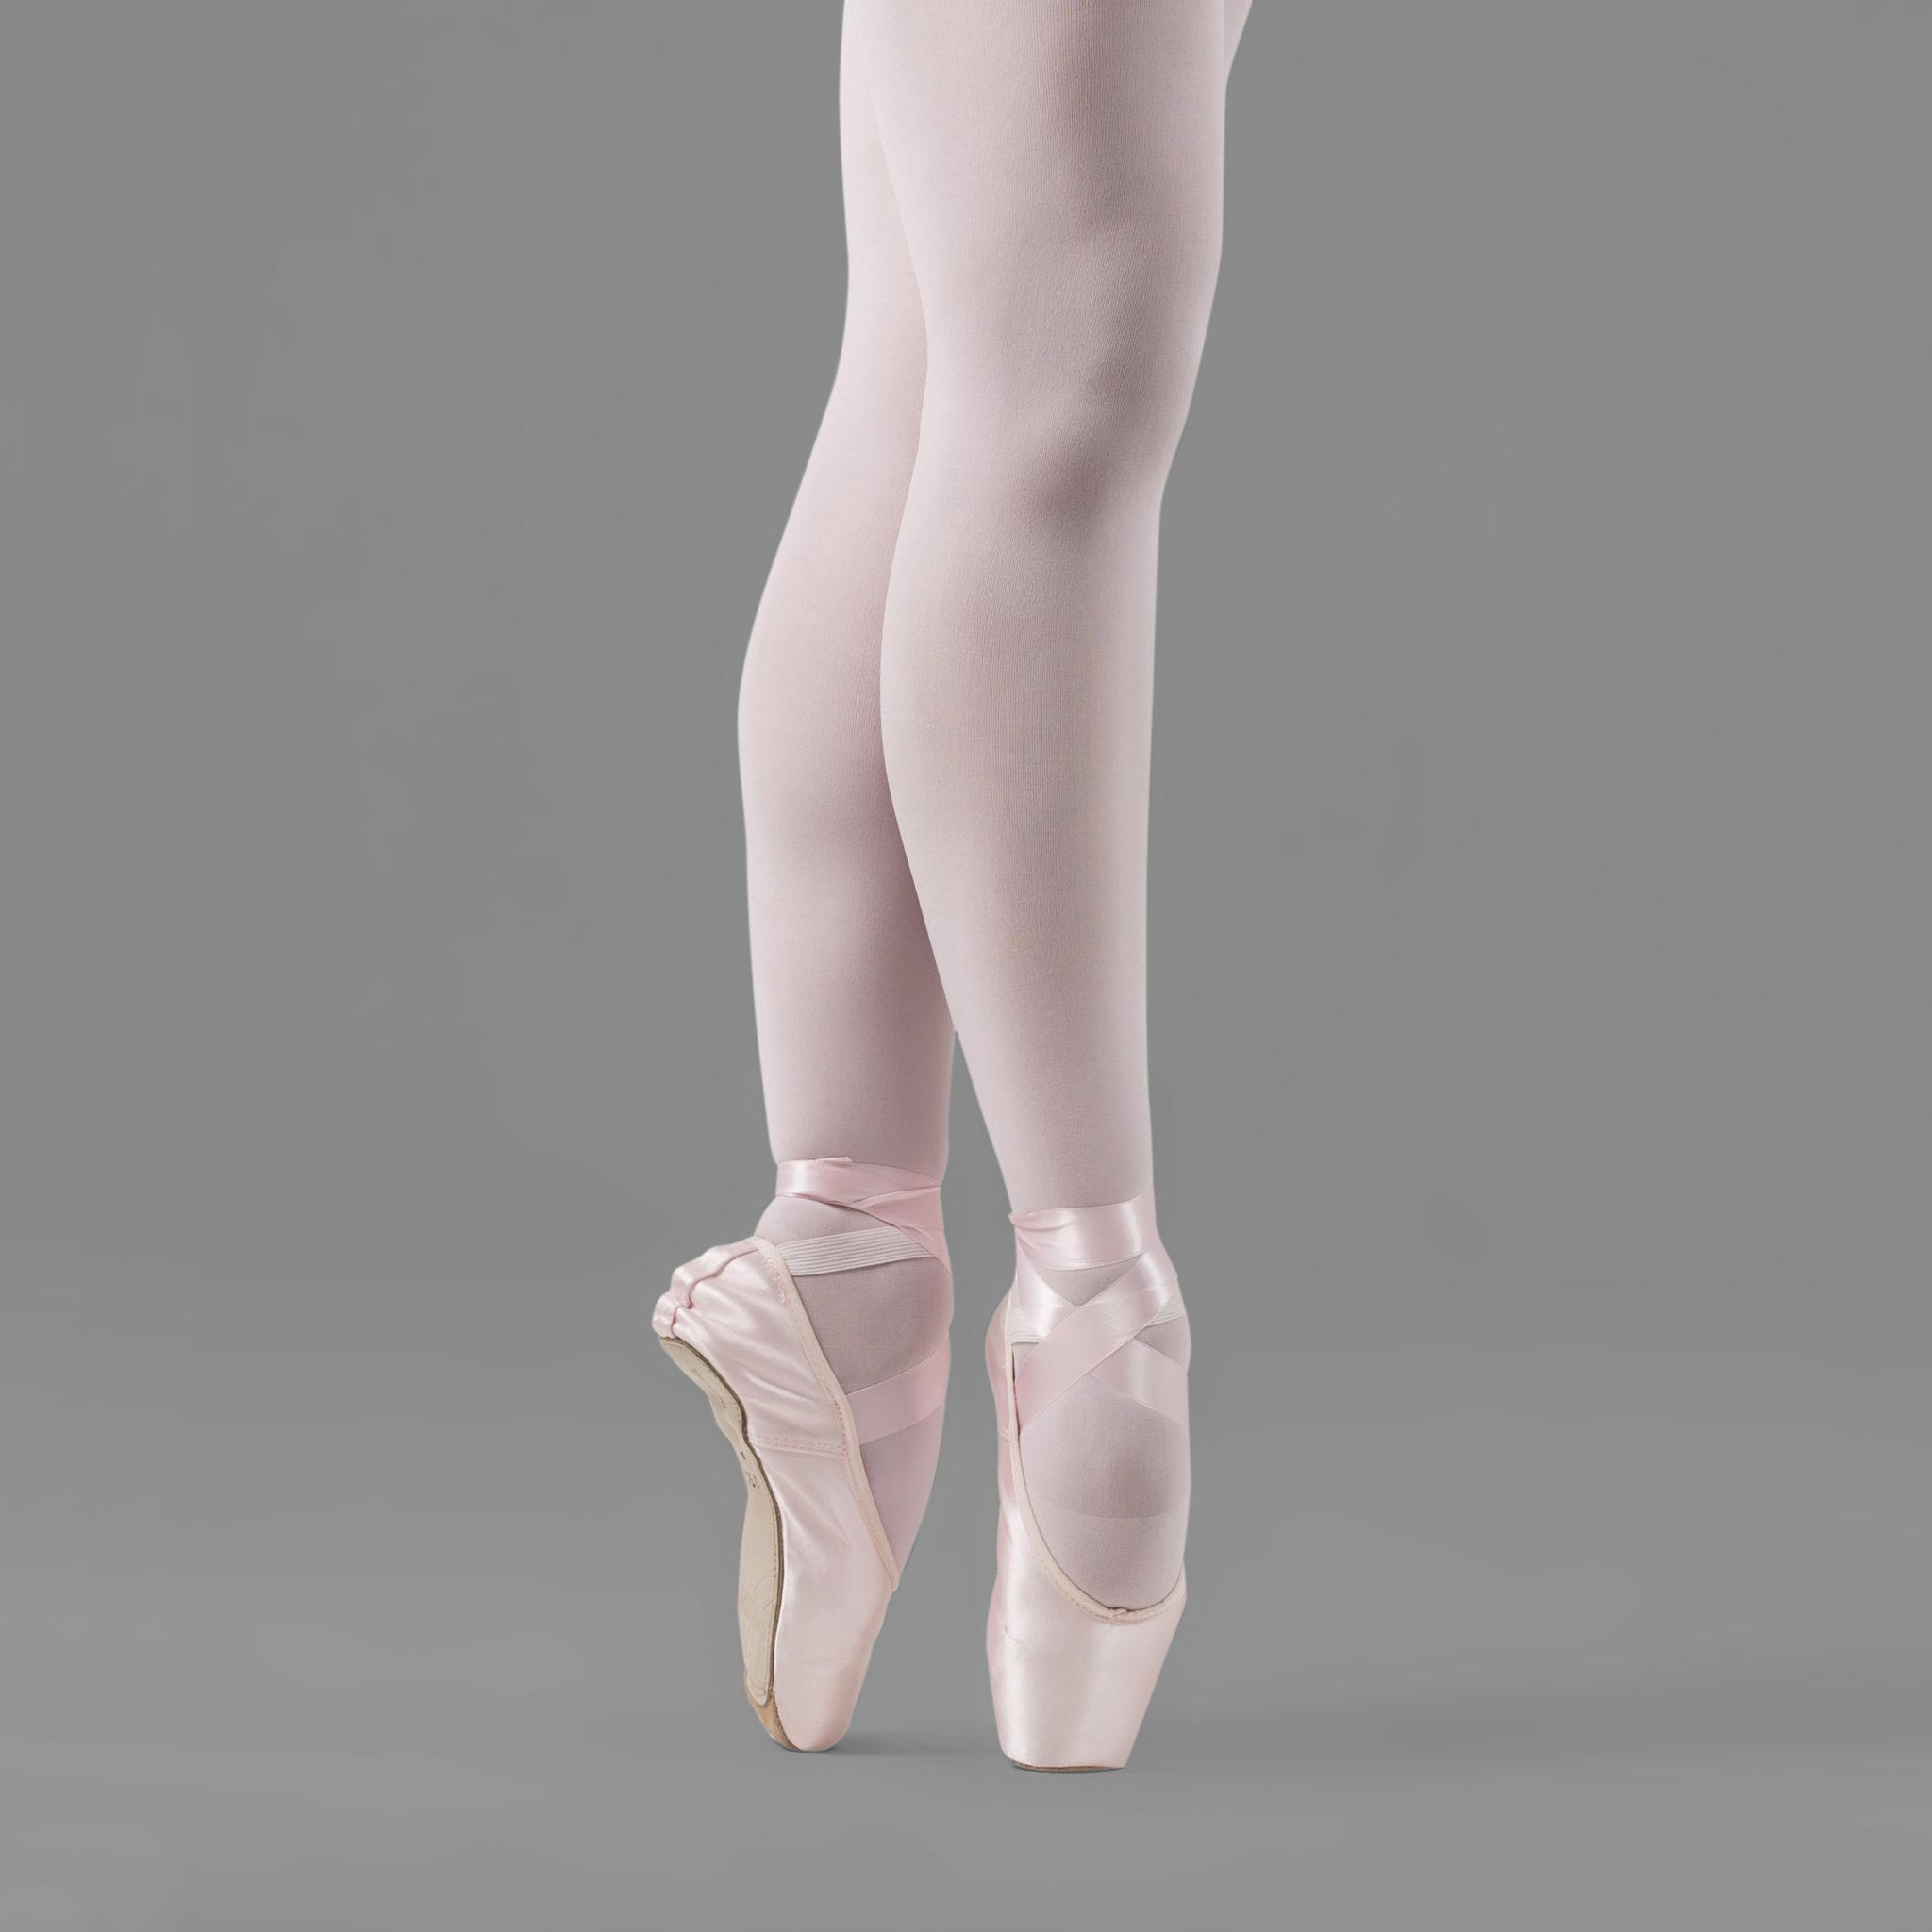 58a536622af55 Sapatilha de Ponta Estudante - Essential - 24 - Evidence Ballet ...